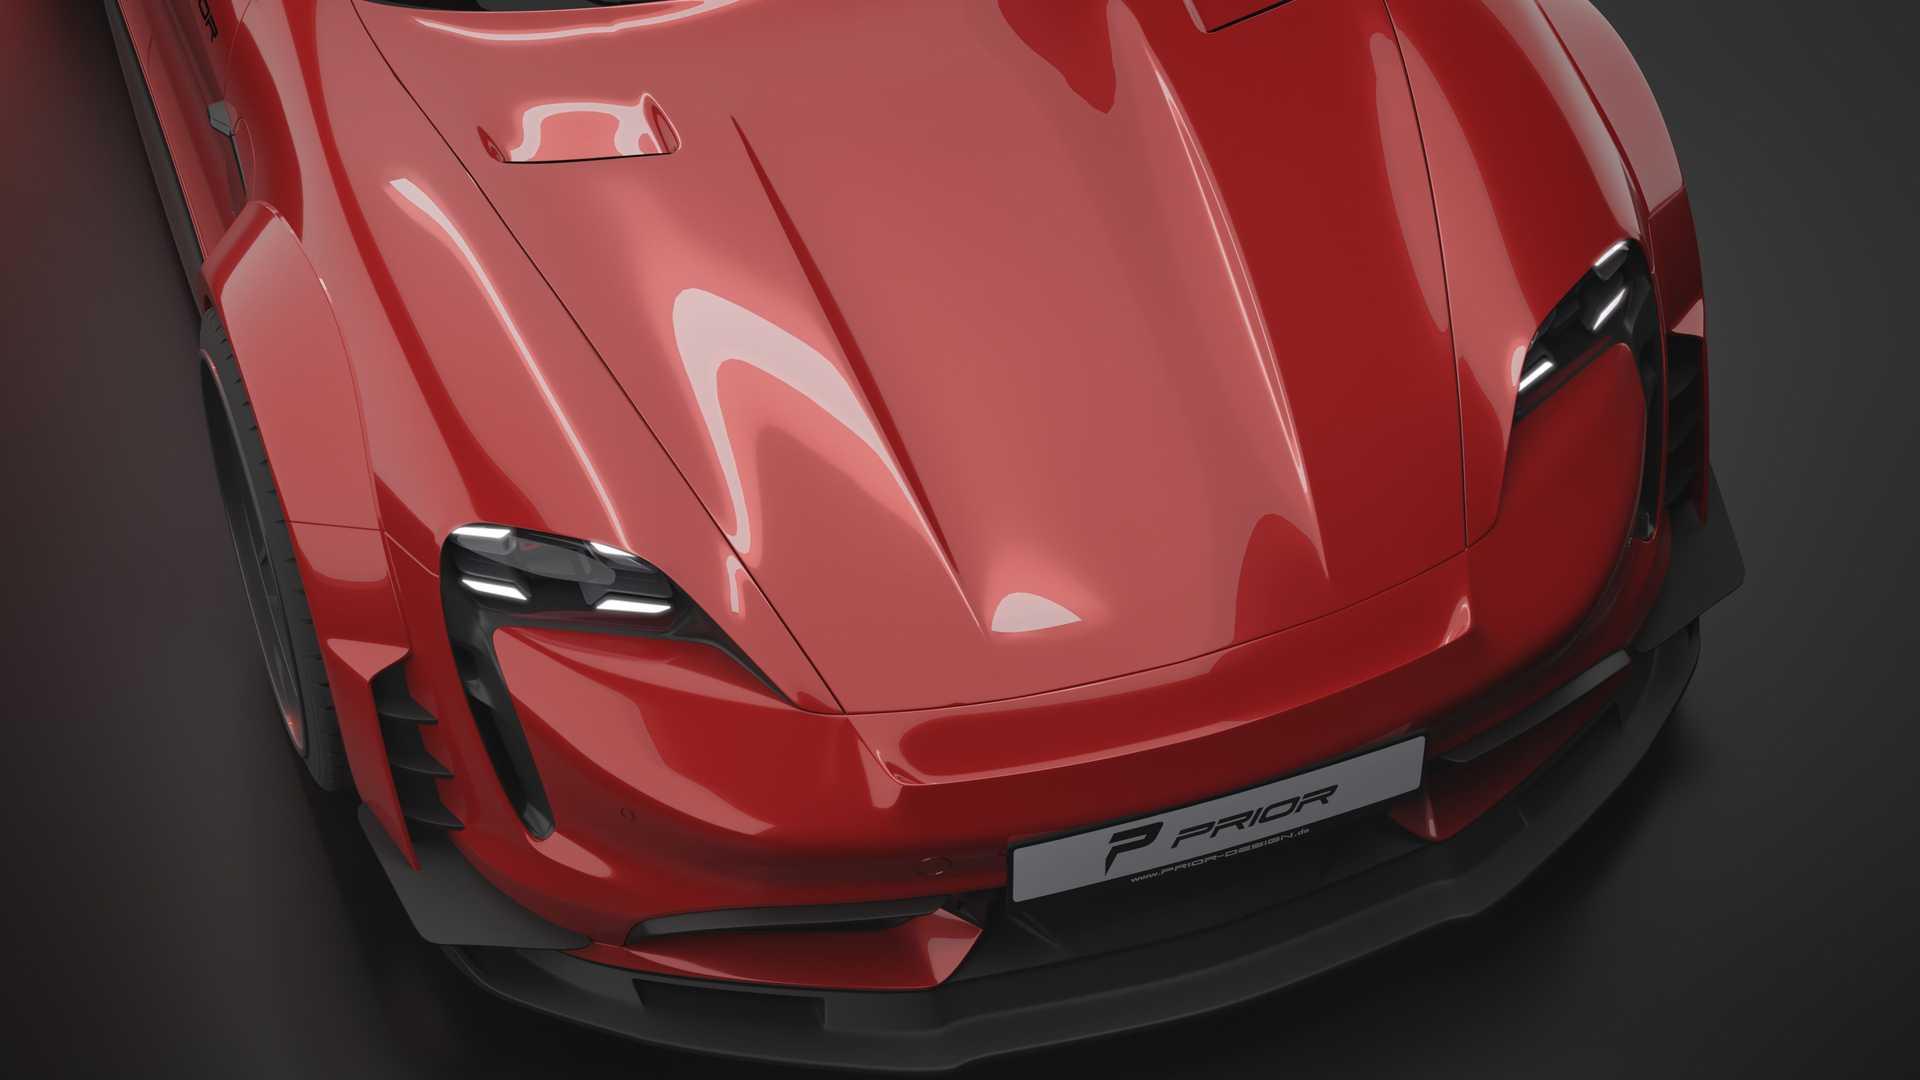 Porsche_Taycan_Turbo_S_by_Prior_Design_0001